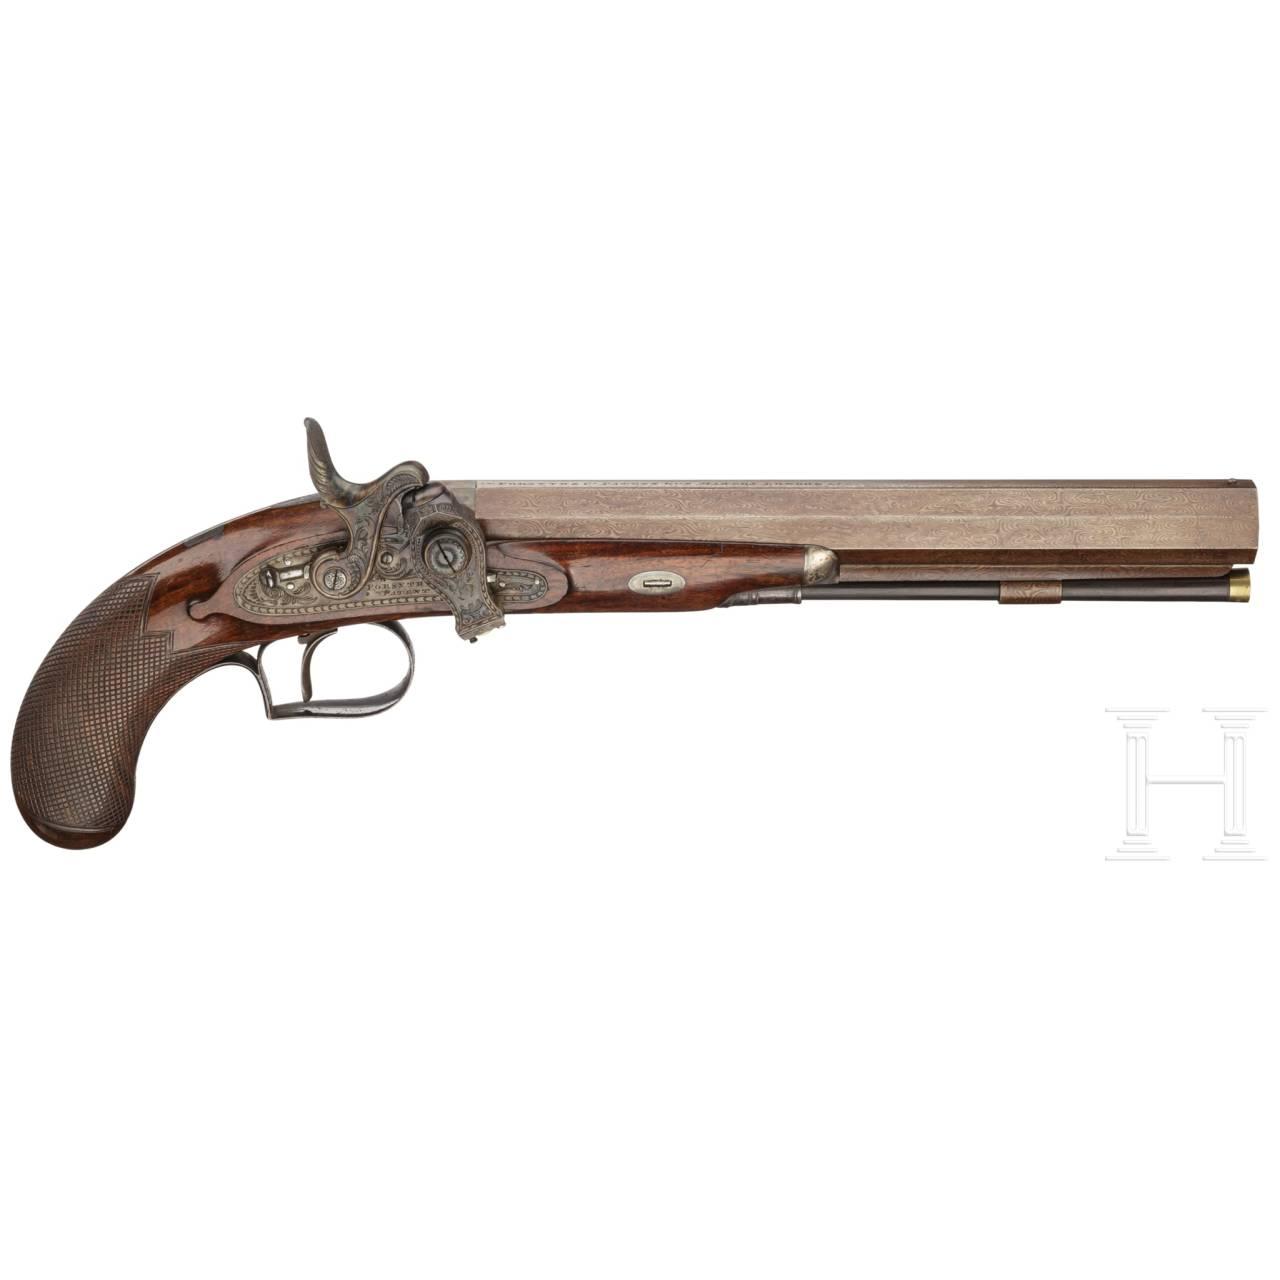 Pistole mit Forsyth-Zündsystem, Forsyth & Co., London, um 1820